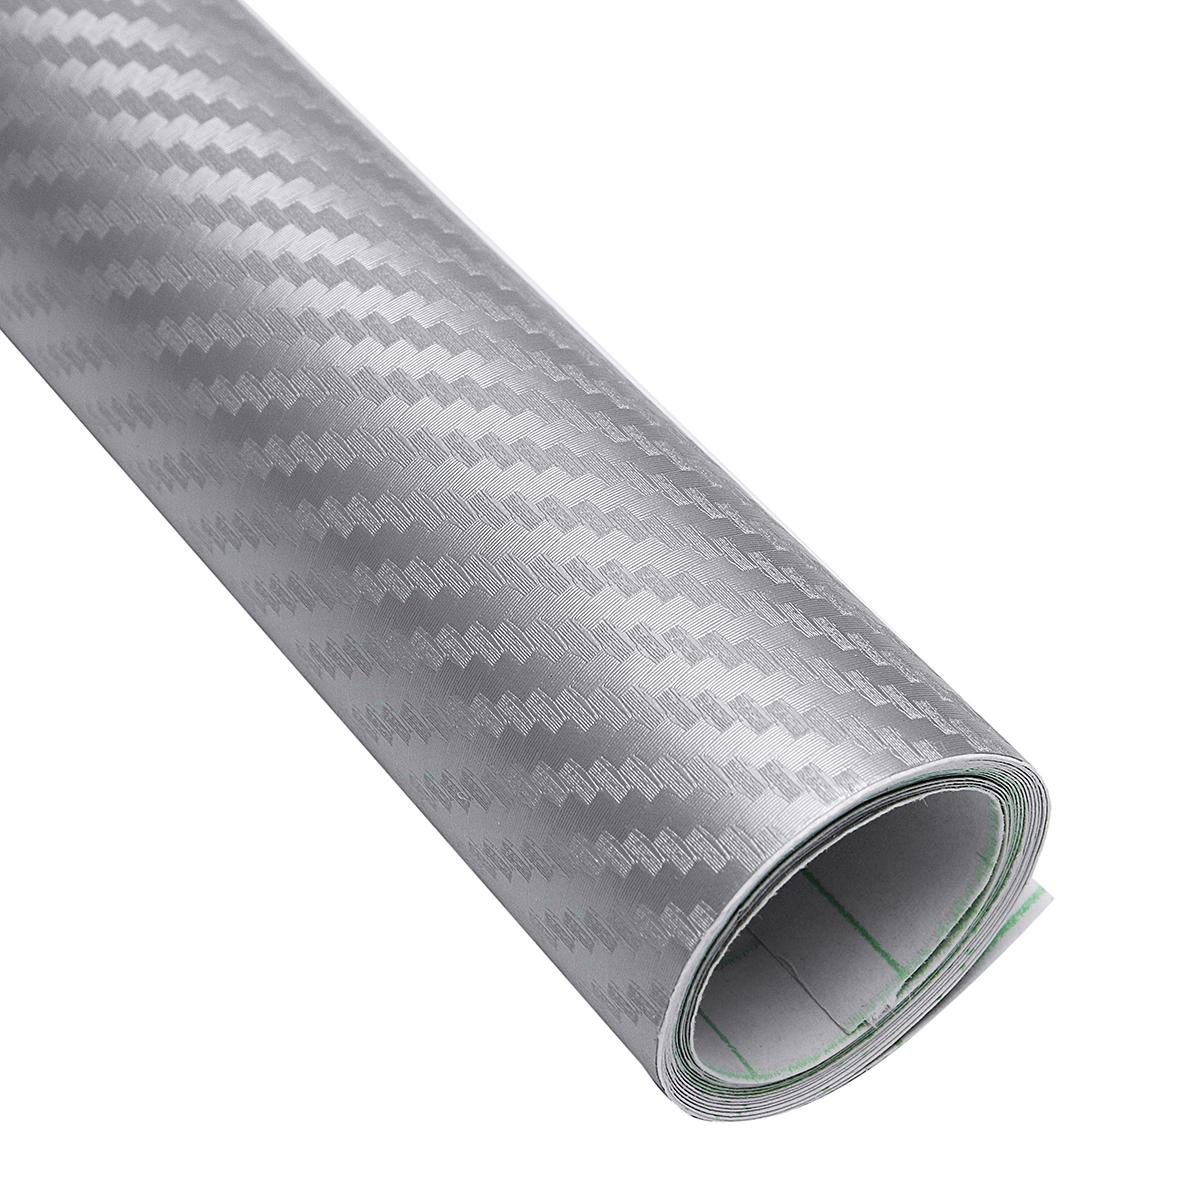 Ταινία προστατευτική Γκρι 152 x 300 cm 3D Carbon Fiber Film W-FA